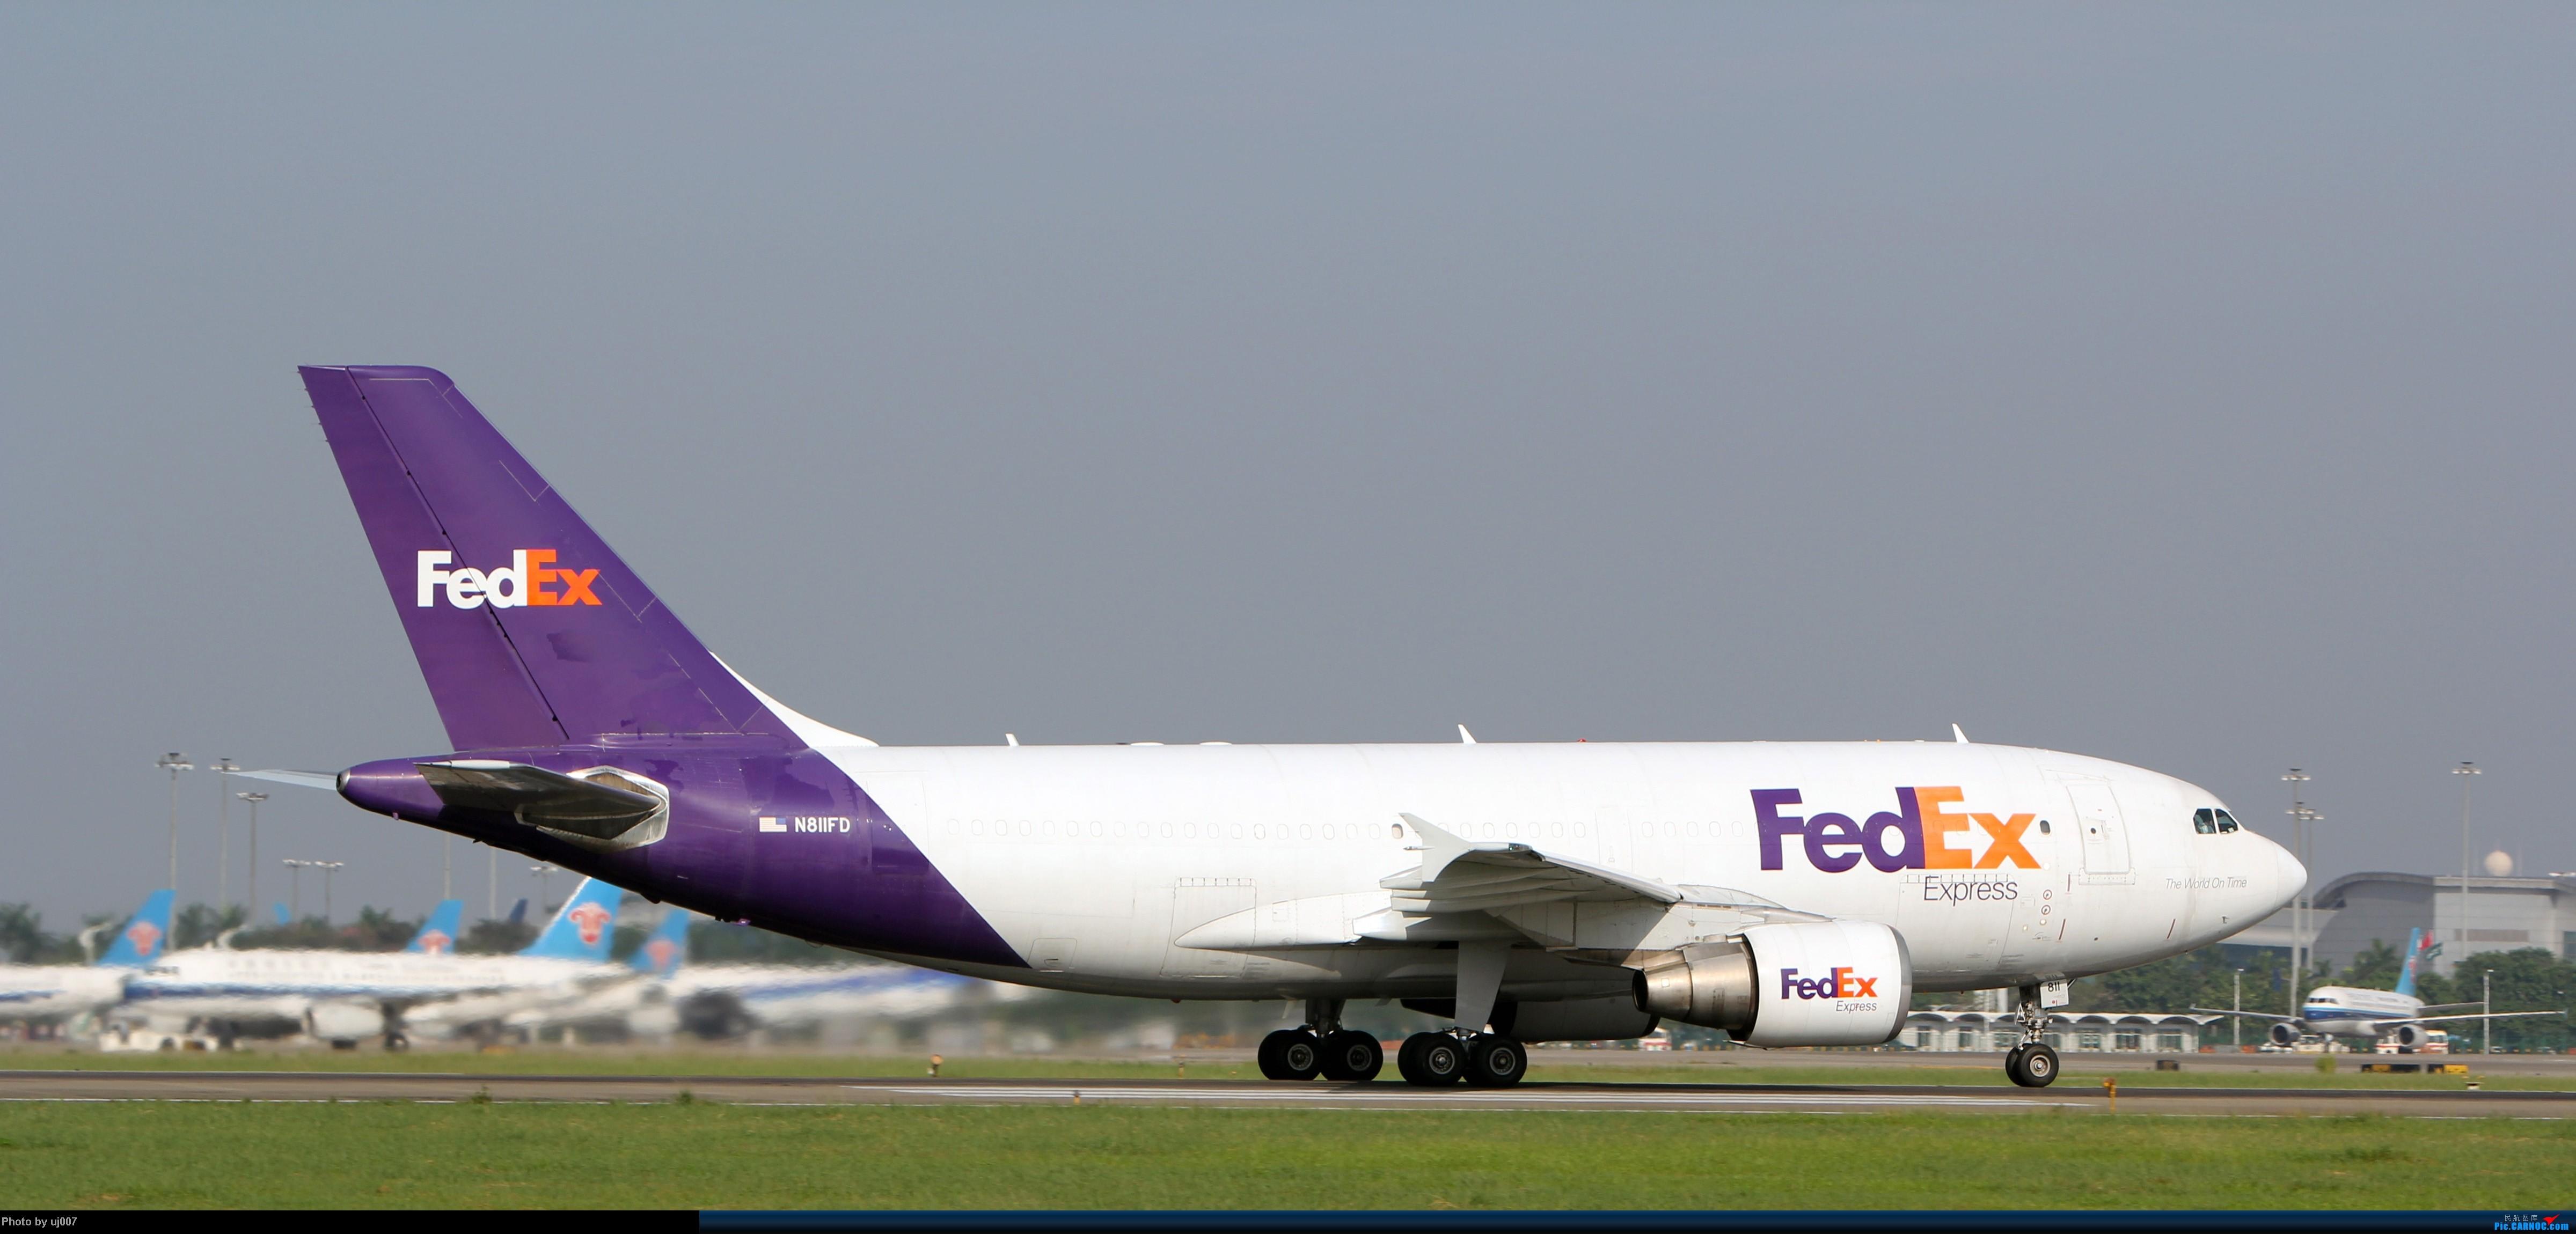 Re:[原创]10月2日白云拍机(大飞机,特别妆,外航,闪灯,擦烟)求指点. AIRBUS A310-300 N811FD 广州白云国际机场